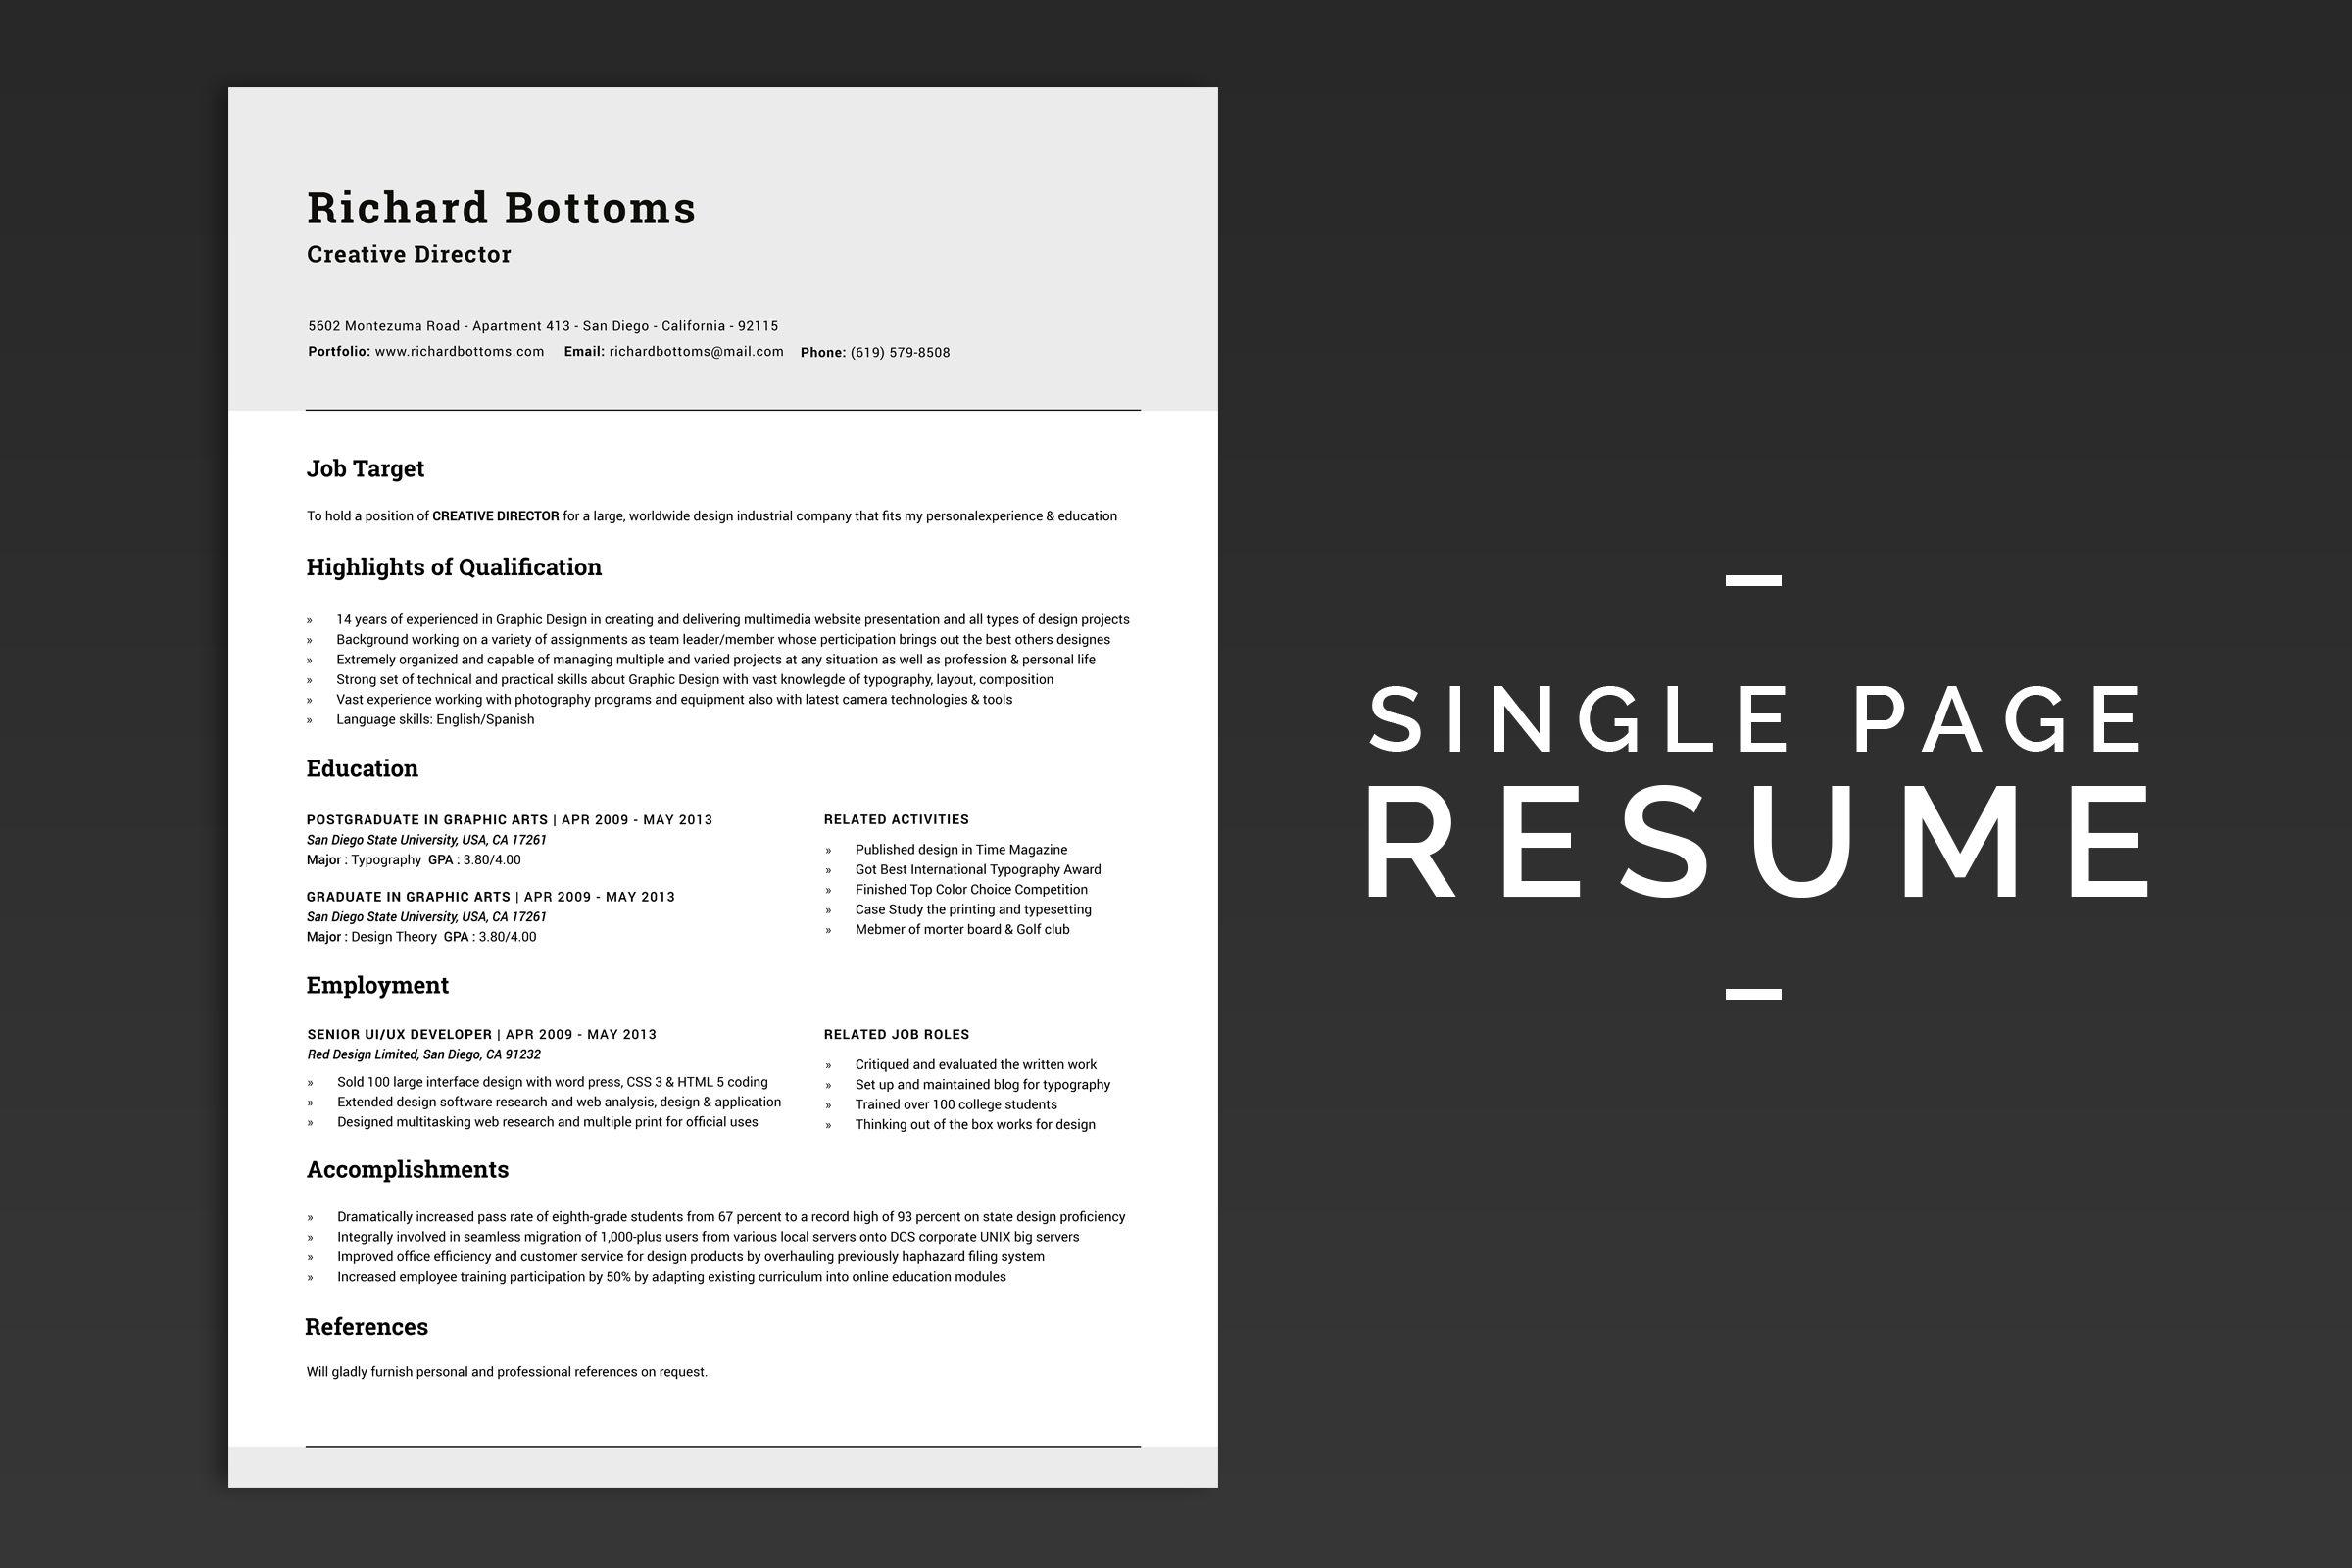 Resume box for targeted jobs v1 cover letter for resume